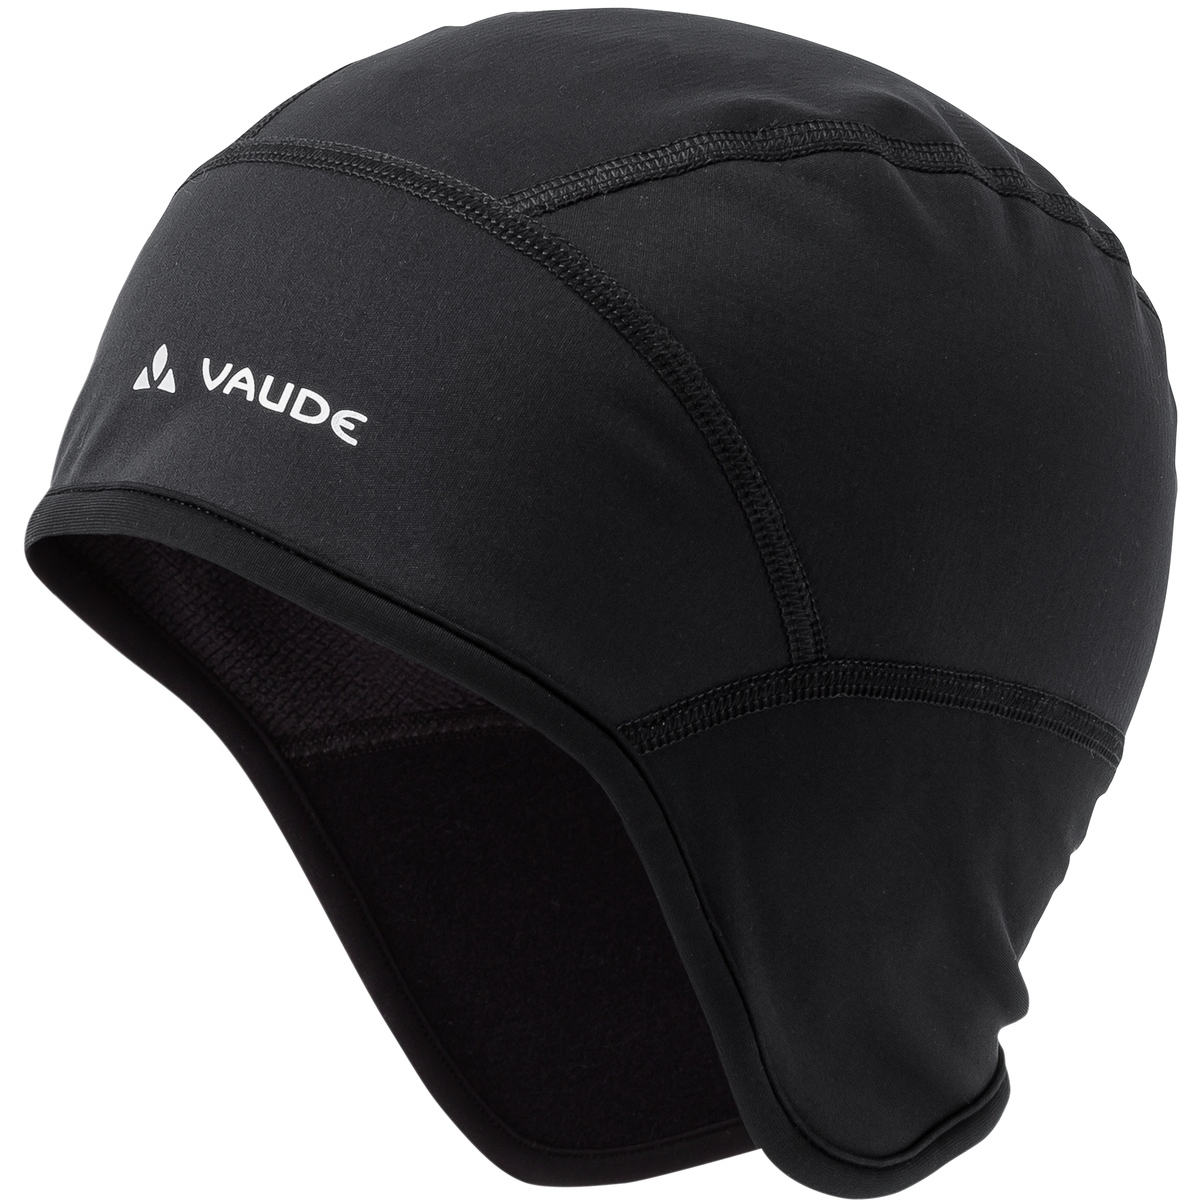 Vaude Bike Windproof Cap III Unterhelm - schwarz uni